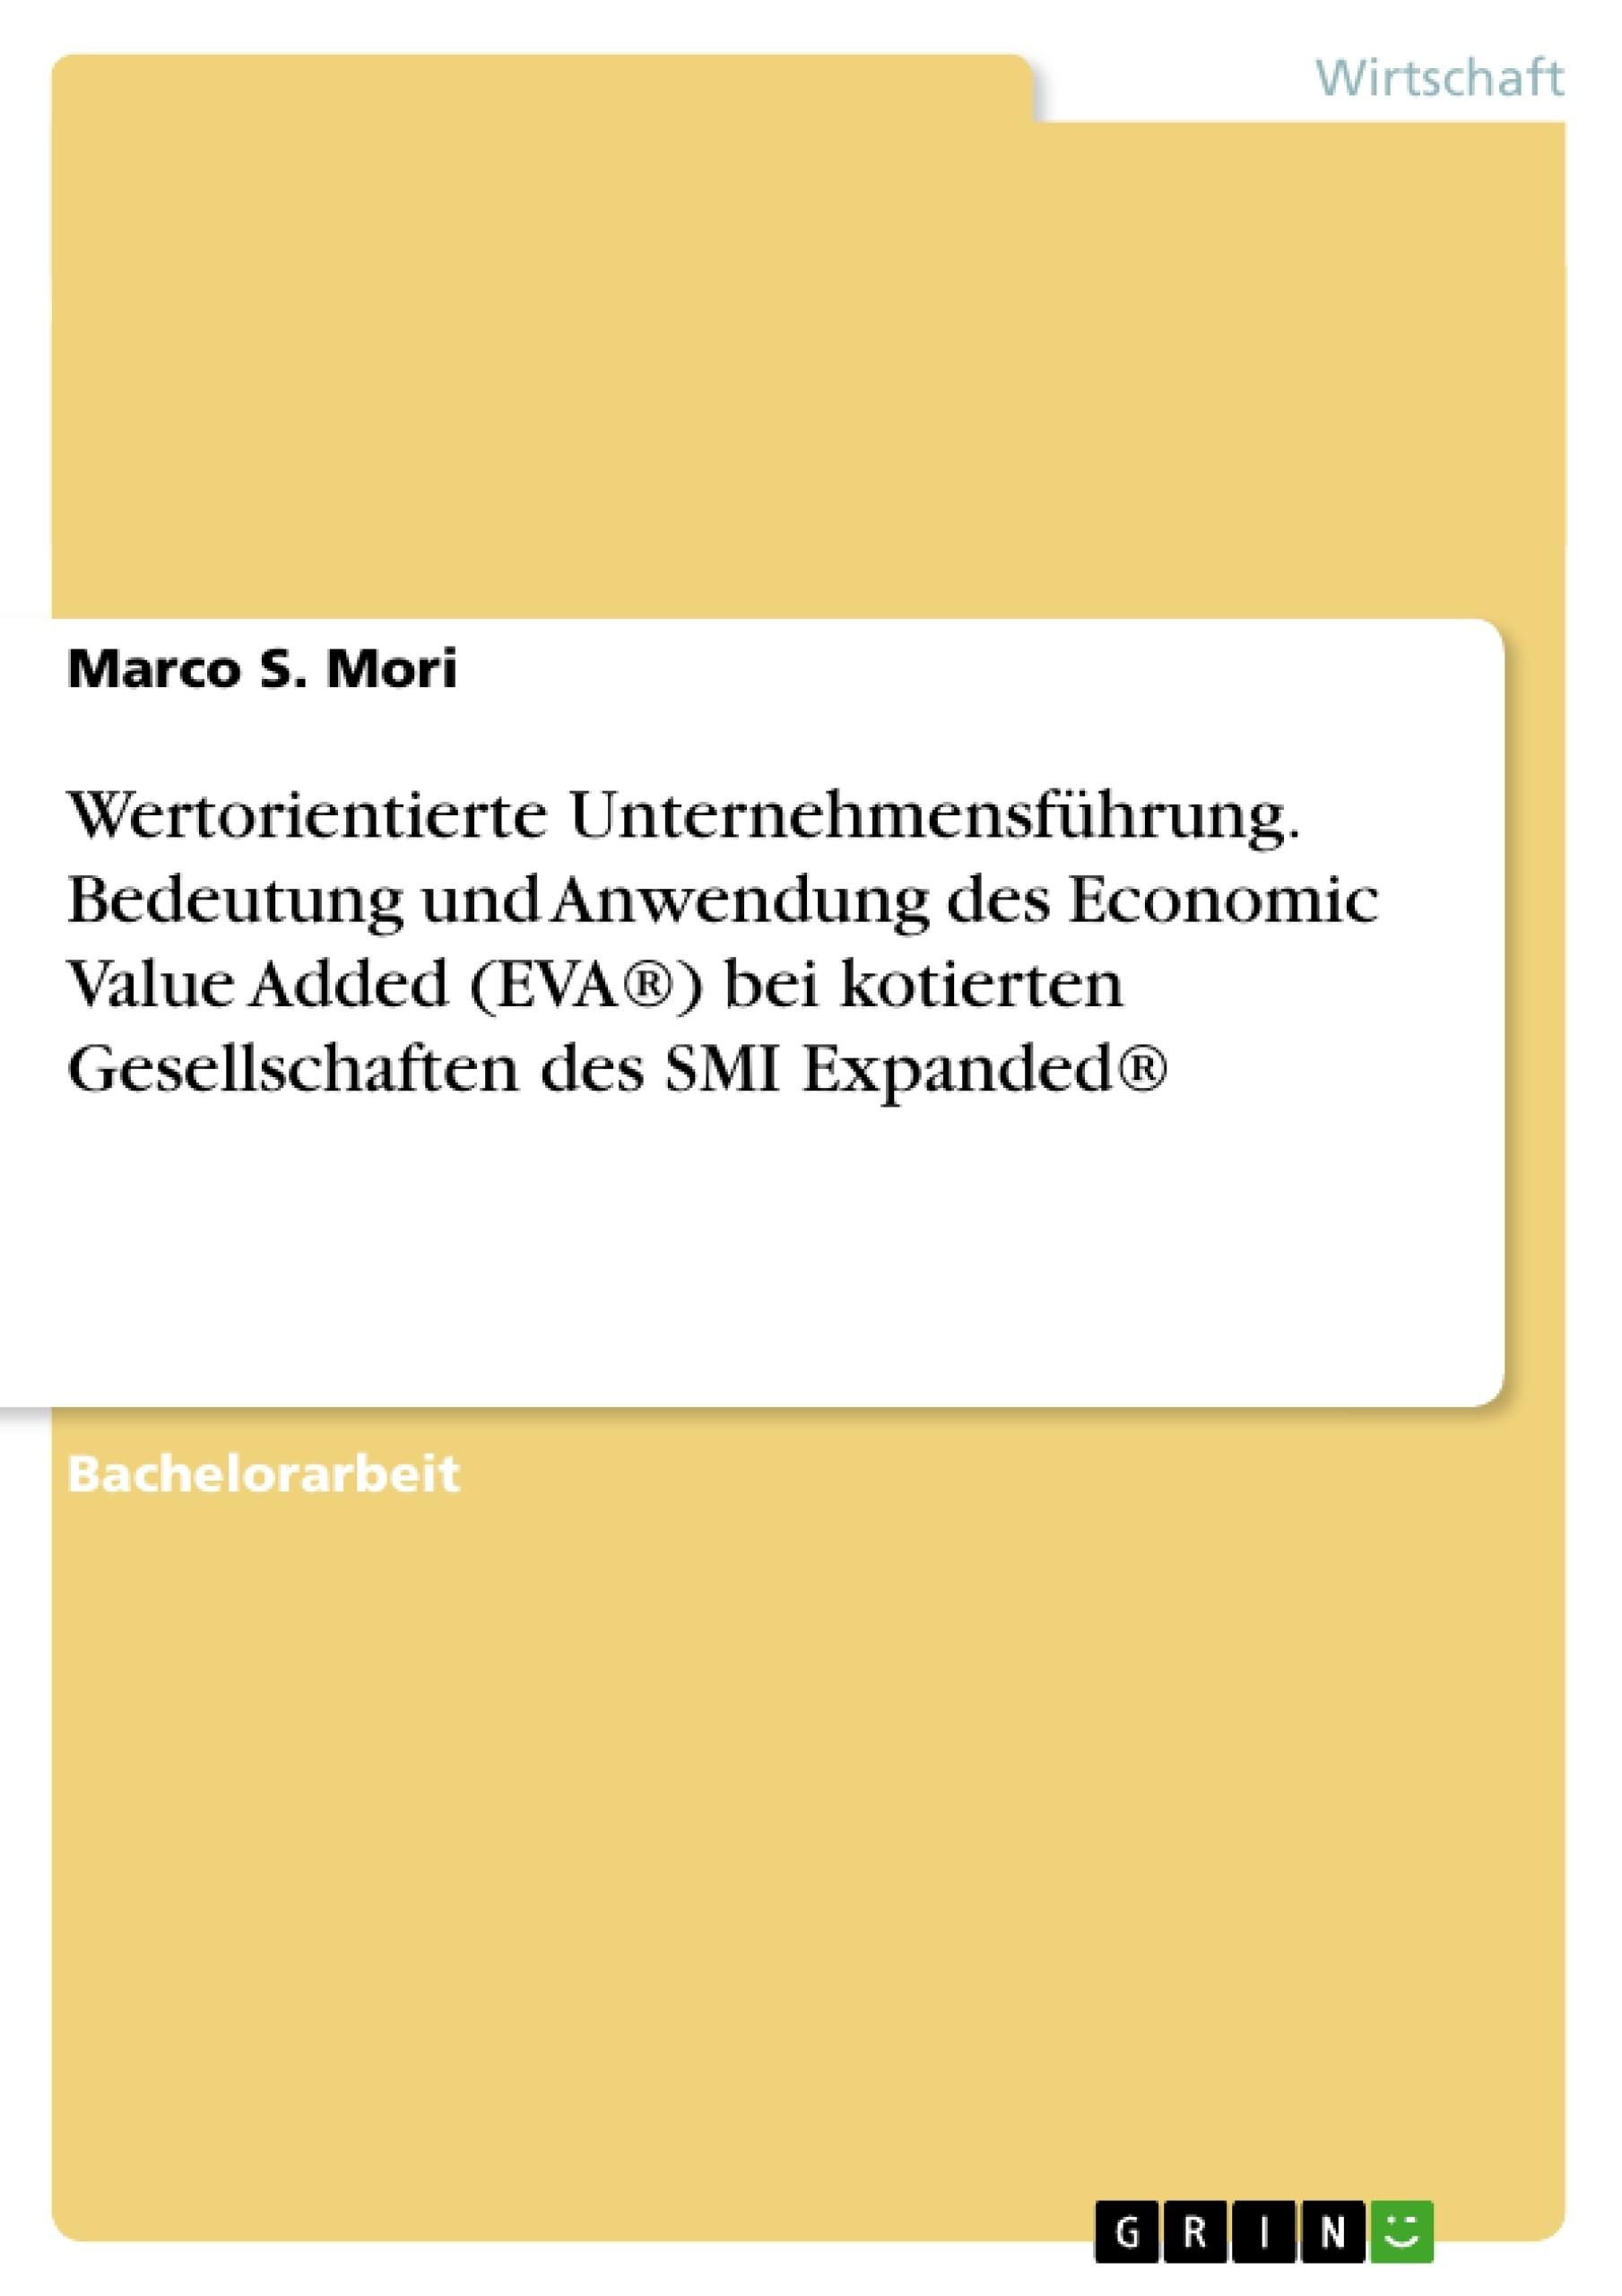 Titel: Wertorientierte Unternehmensführung. Bedeutung und Anwendung des Economic Value Added (EVA®) bei kotierten Gesellschaften des SMI Expanded®